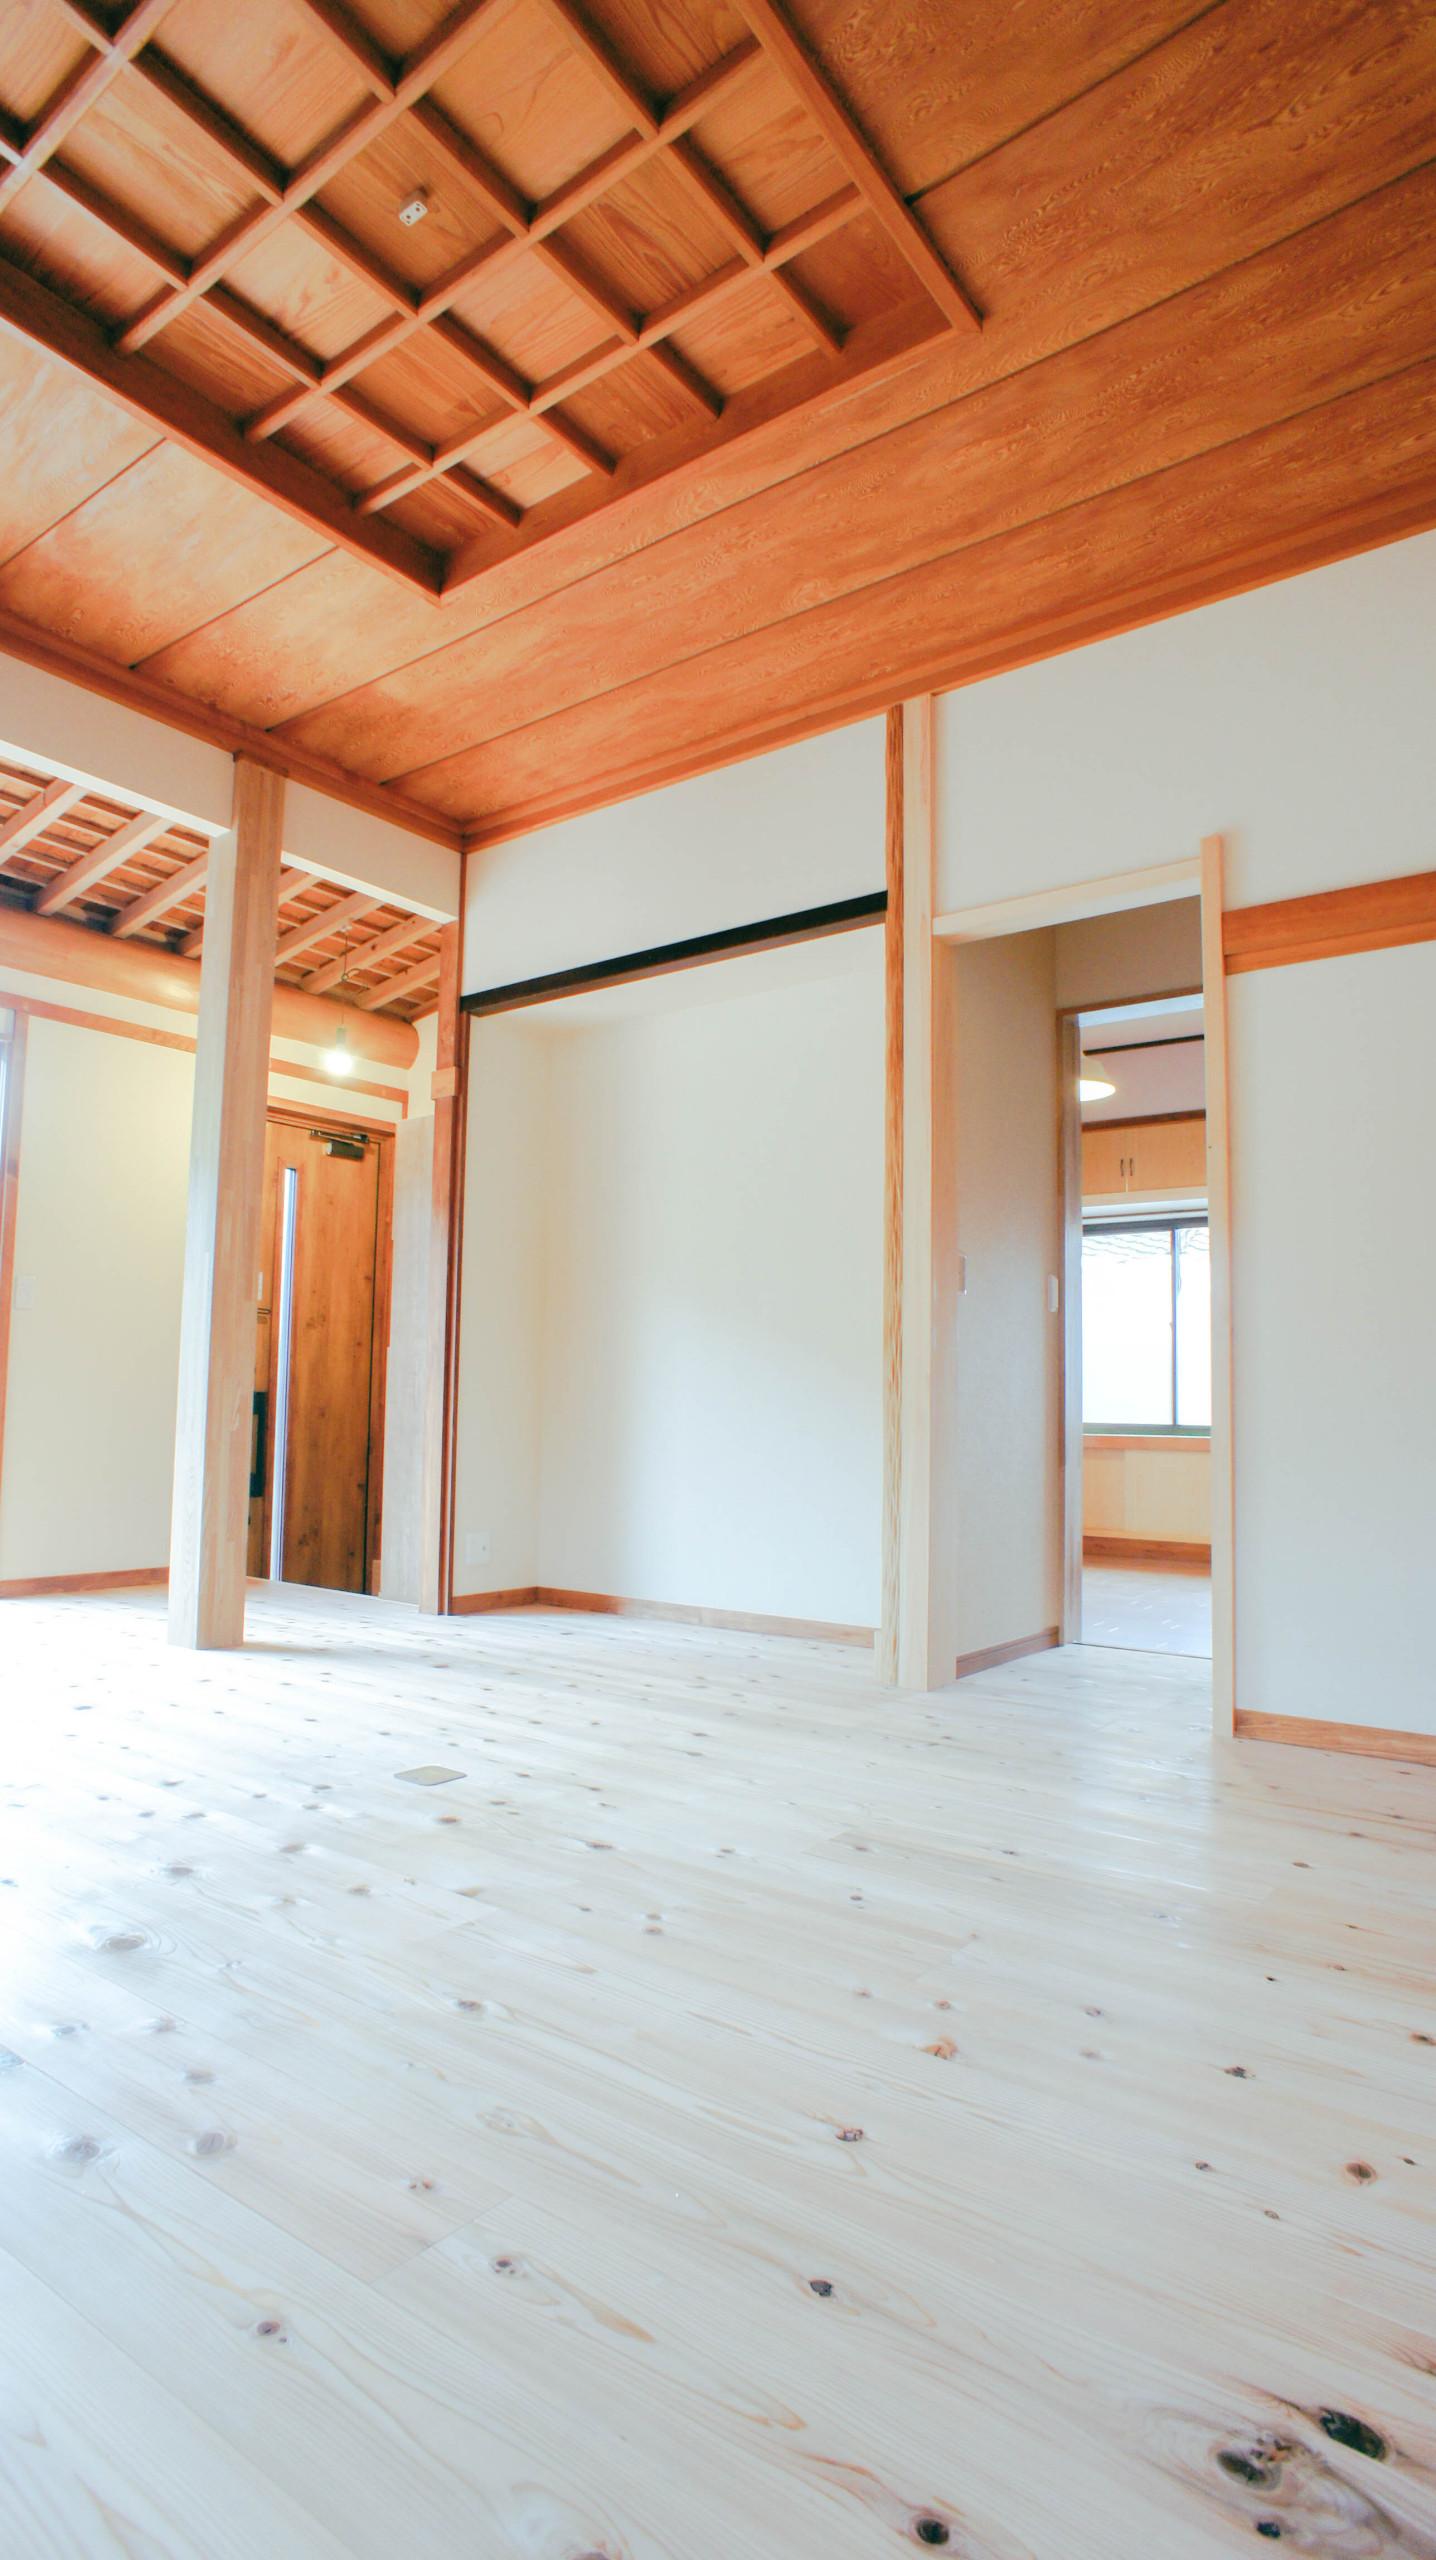 温かみあふれる杉の床板と貫禄のある格天井